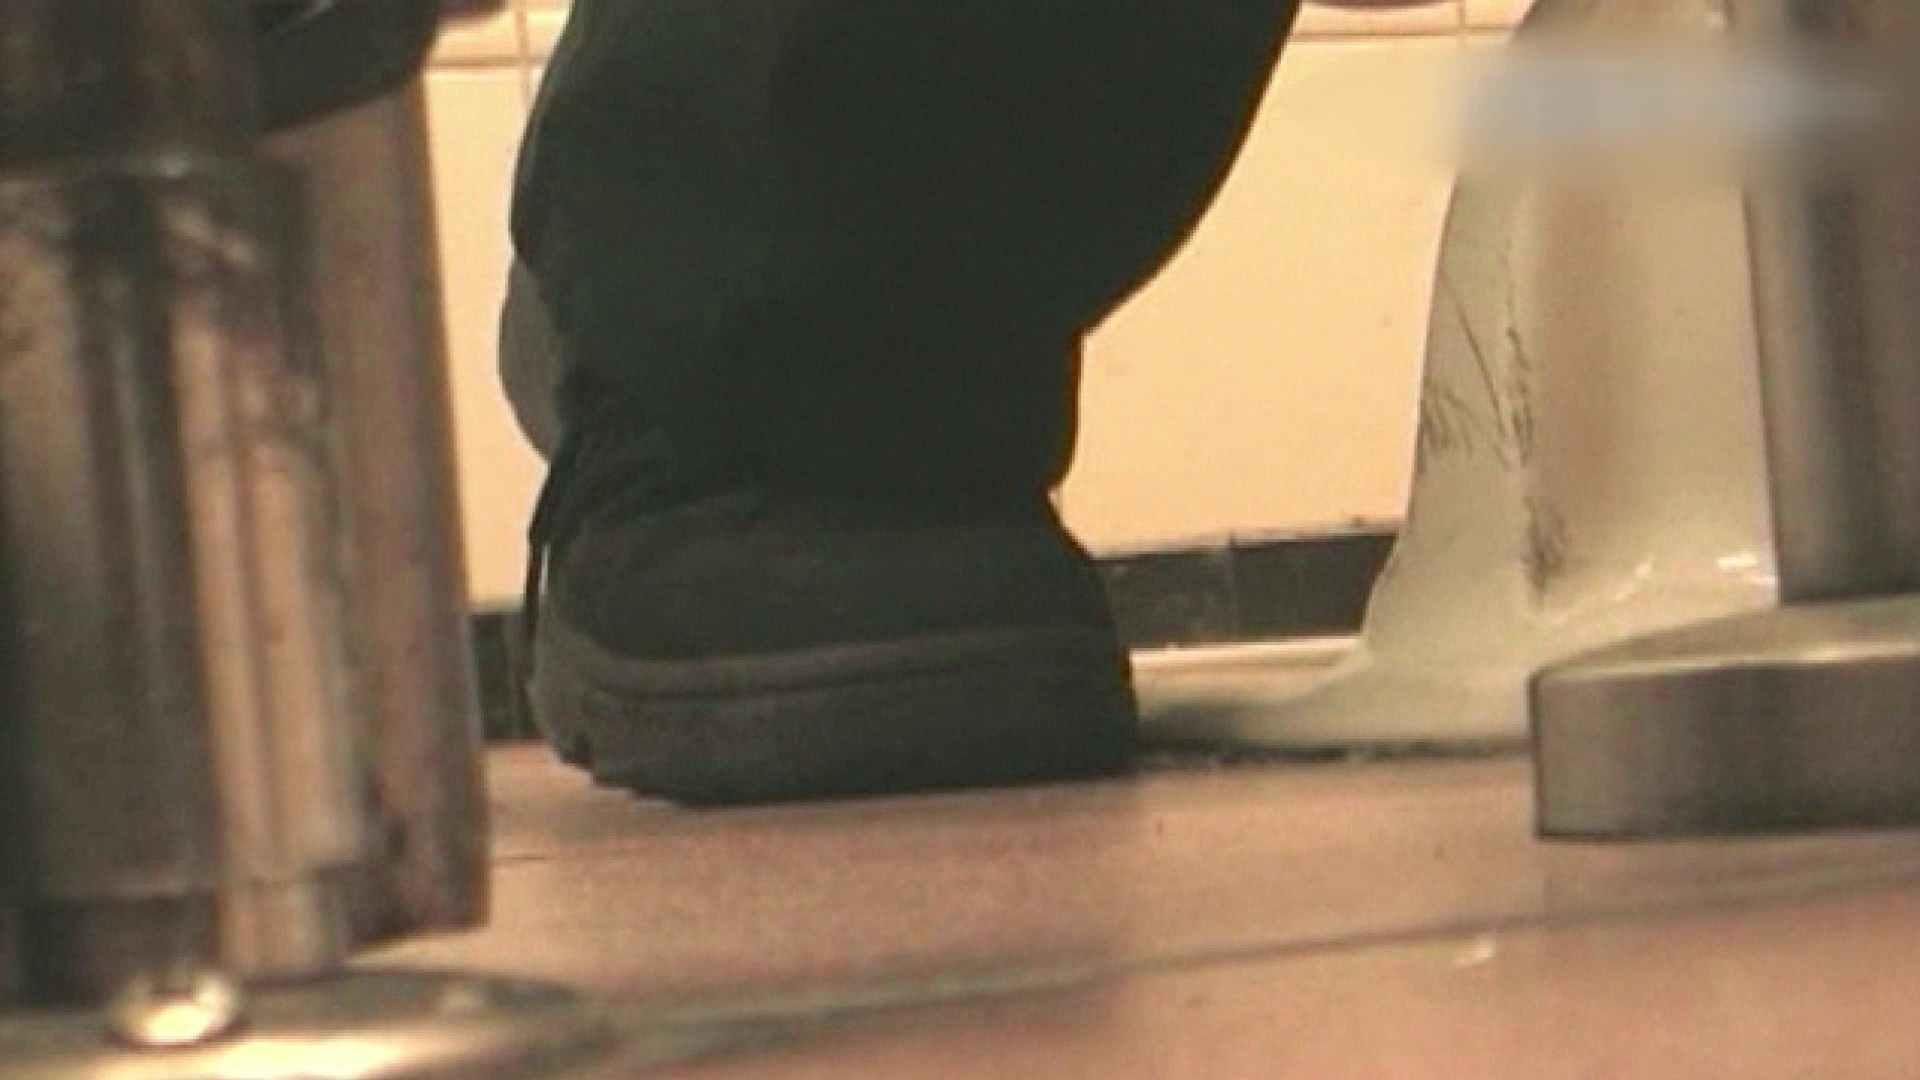 ロックハンドさんの盗撮記録File.24 厠隠し撮り オマンコ無修正動画無料 92pic 61